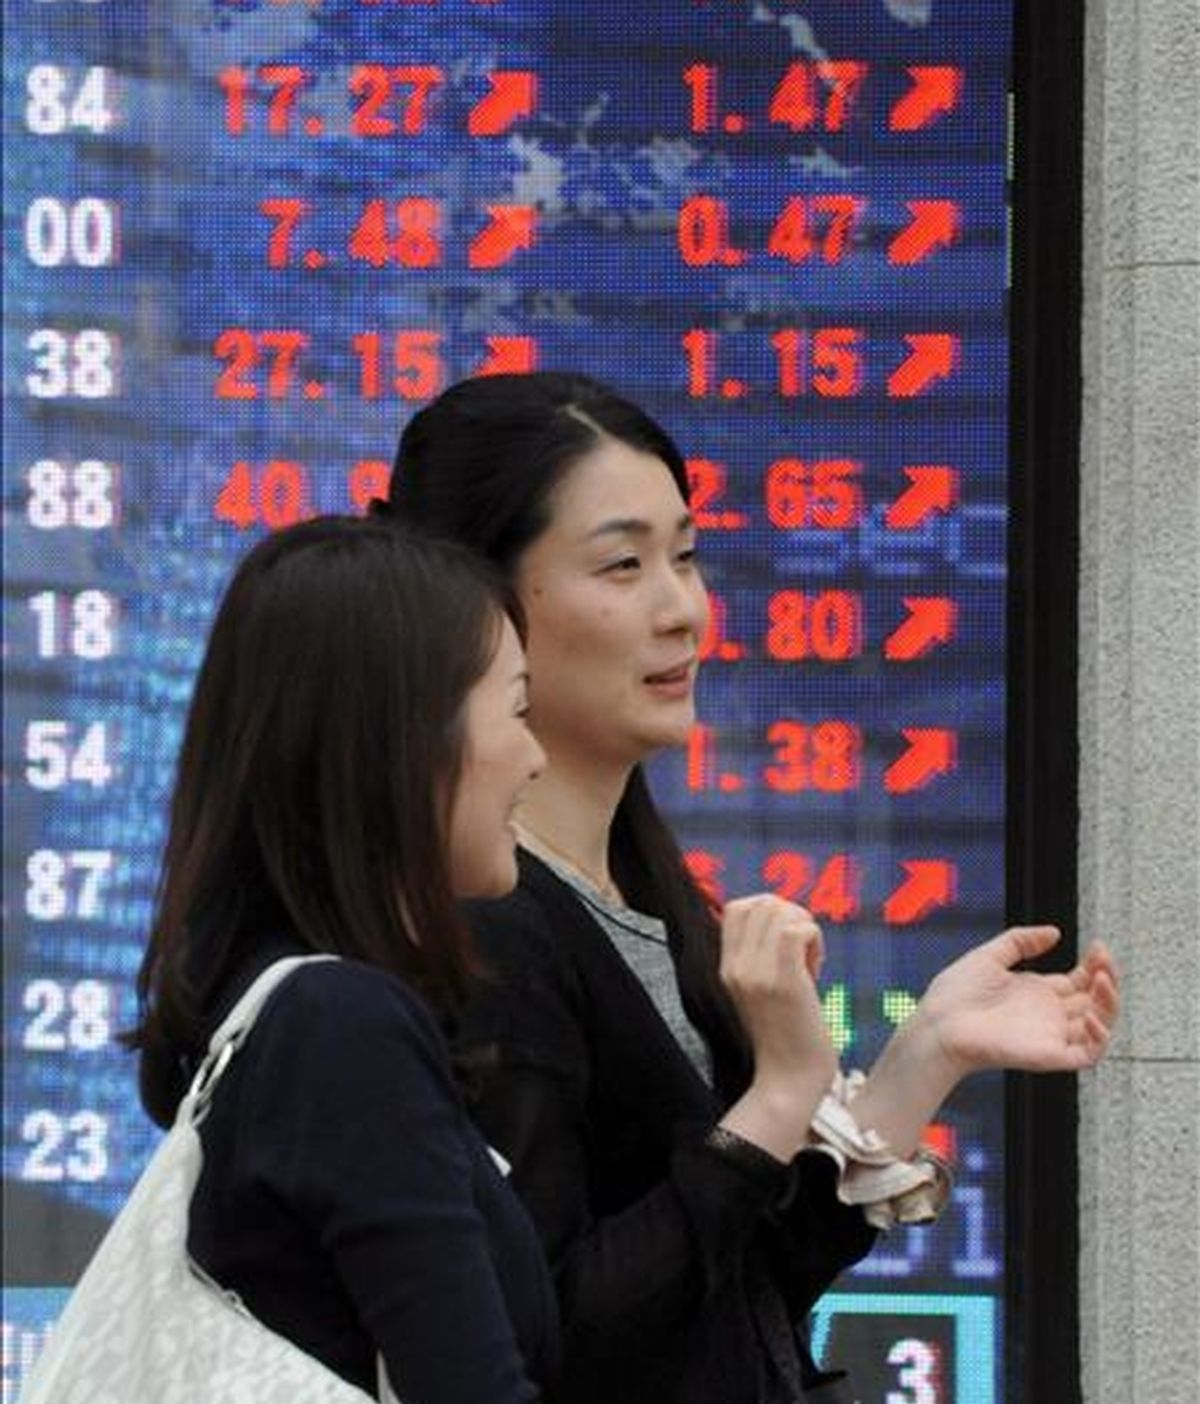 Dos jóvenes pasan junto a una pantalla electrónica con el valor del índice Nikkei, de la Bolsa de Tokio. EFE